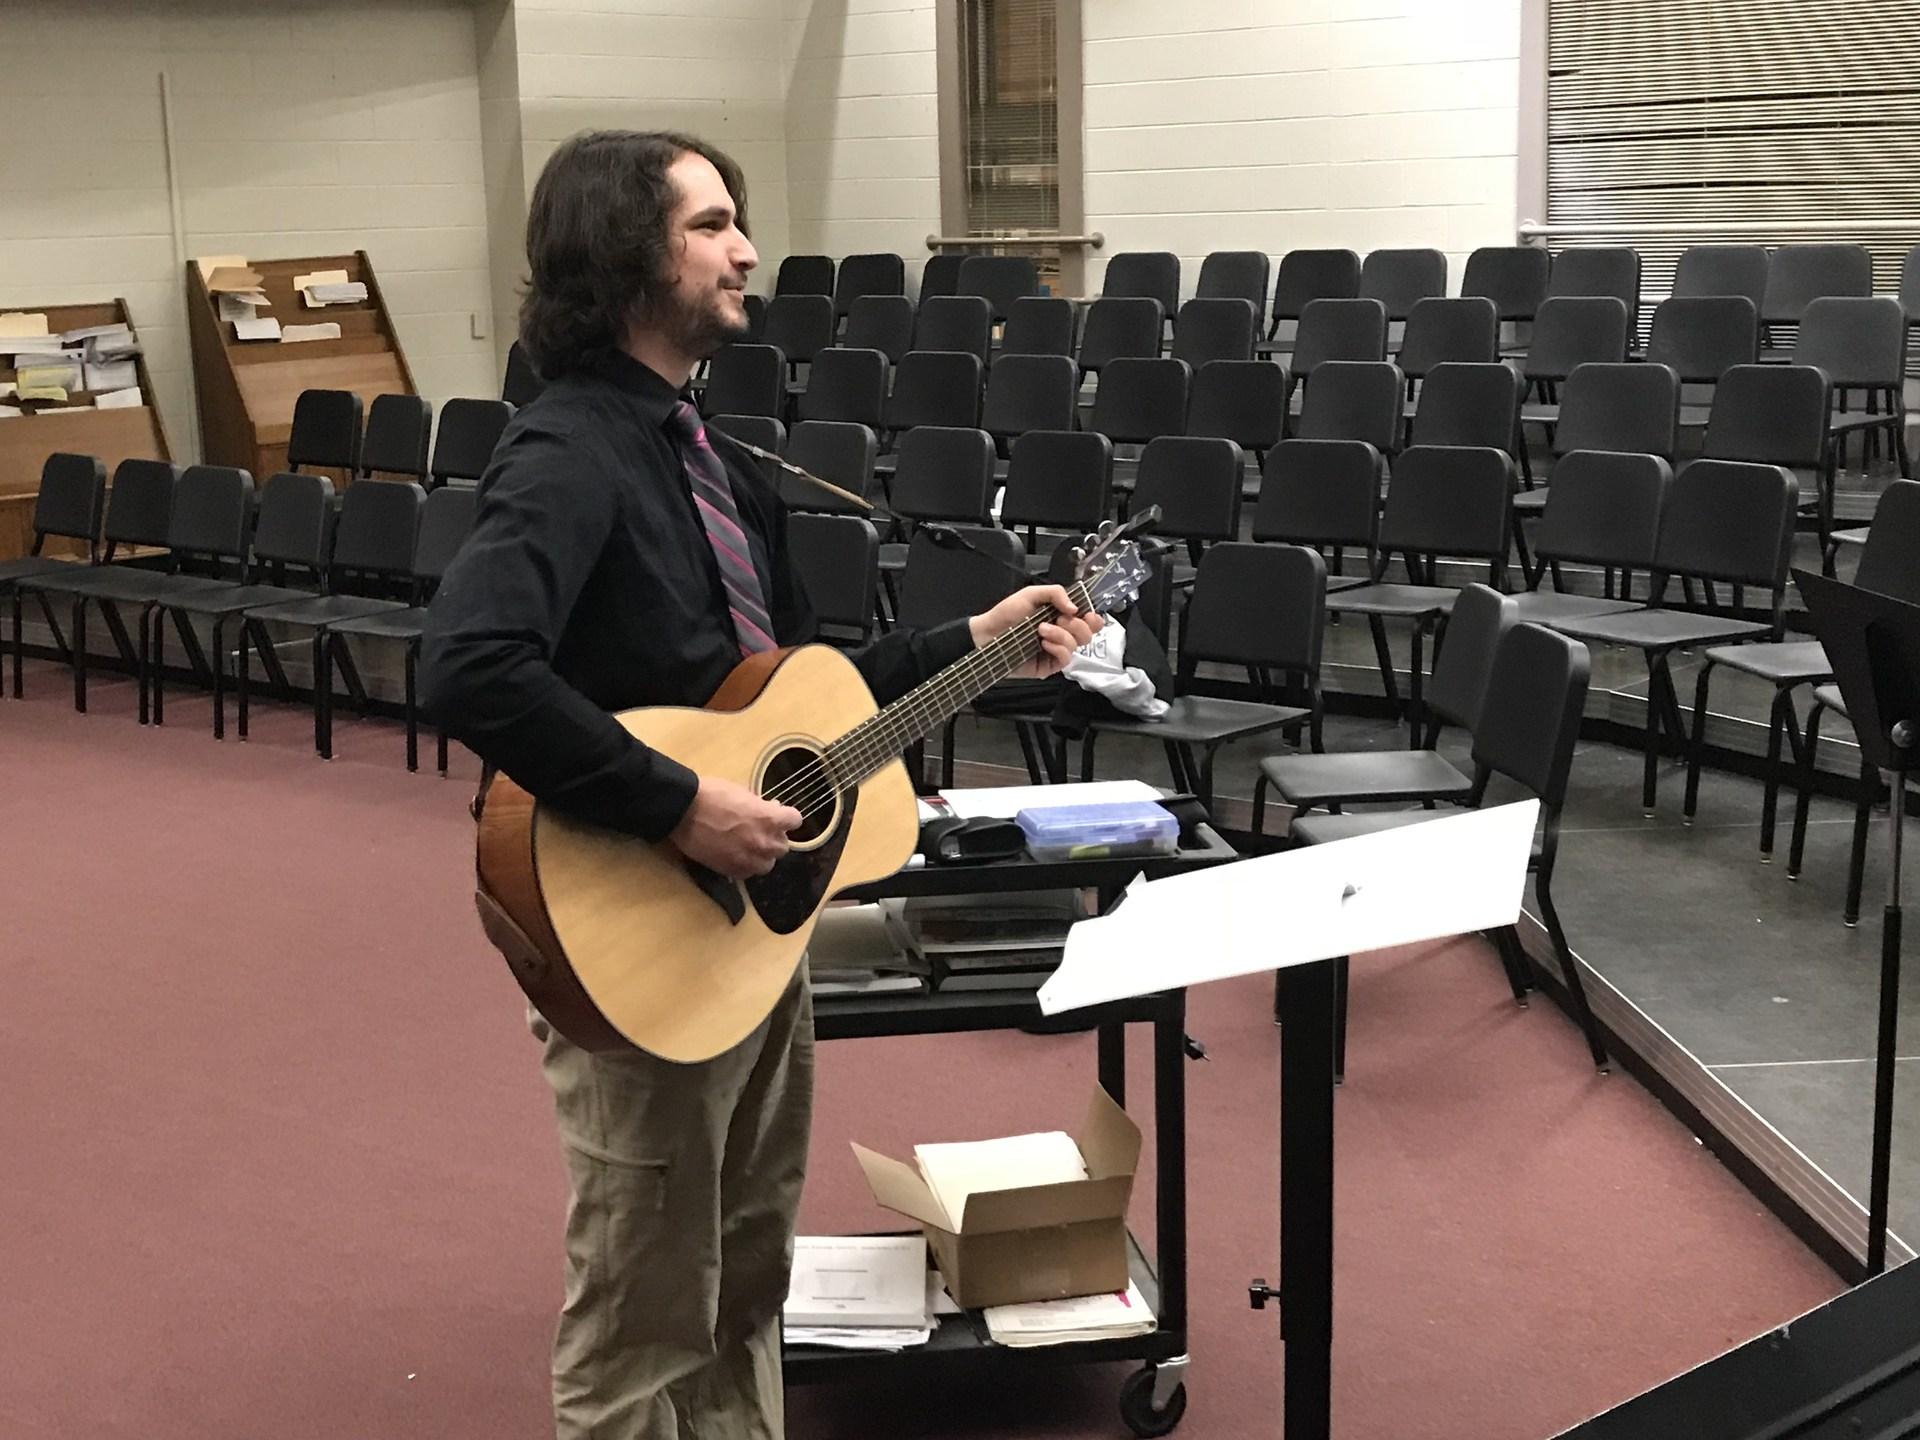 Teacher playing guitar in class